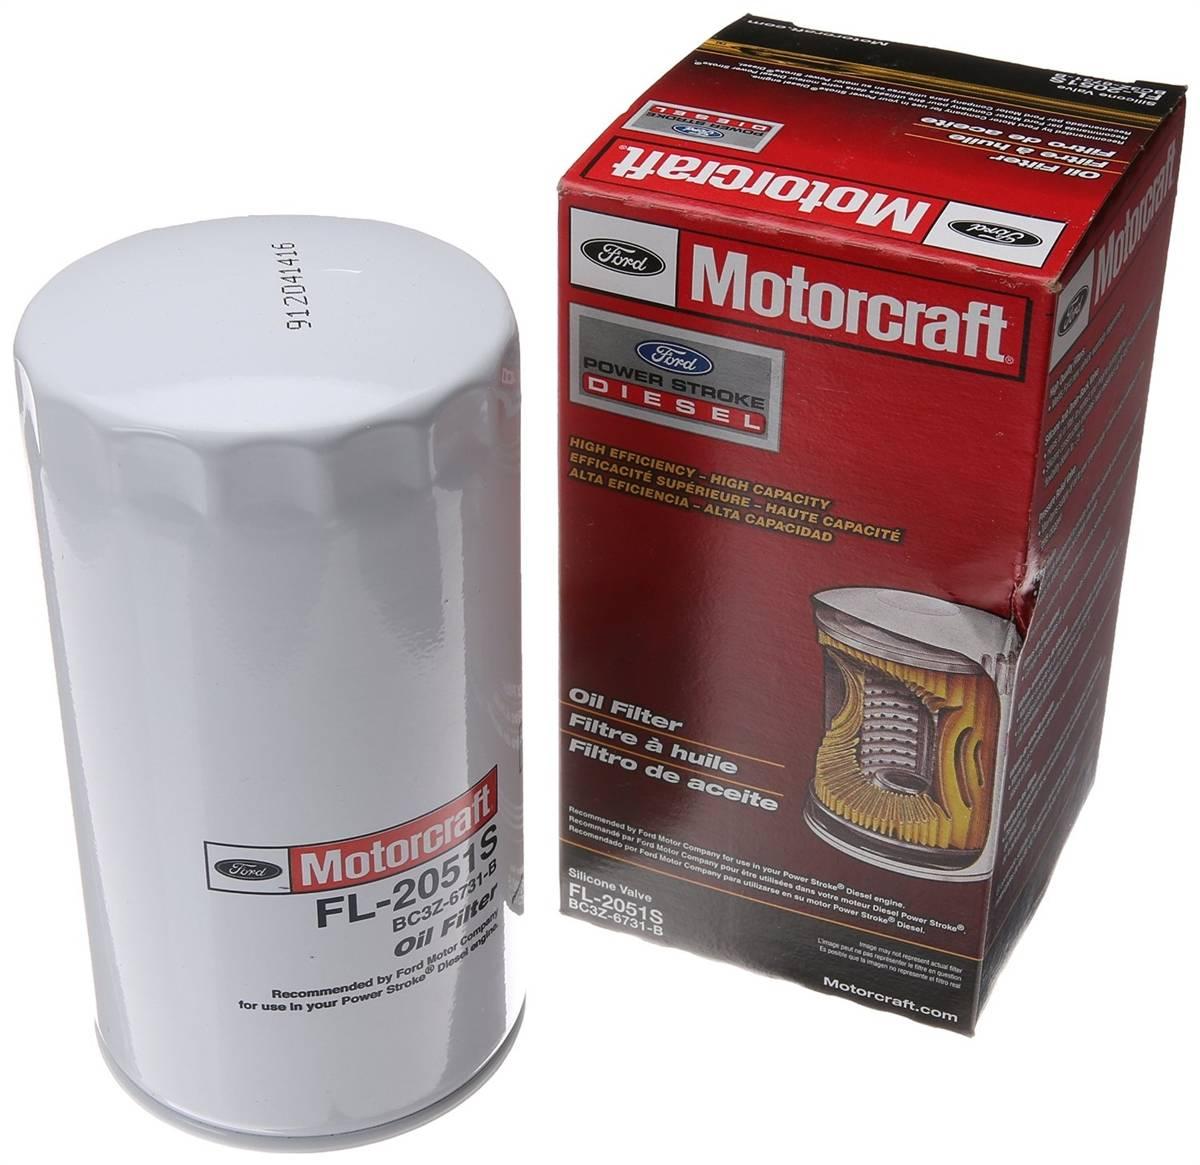 hight resolution of motorcraft oem motorcraft oil filter for 11 17 6 7 powerstroke